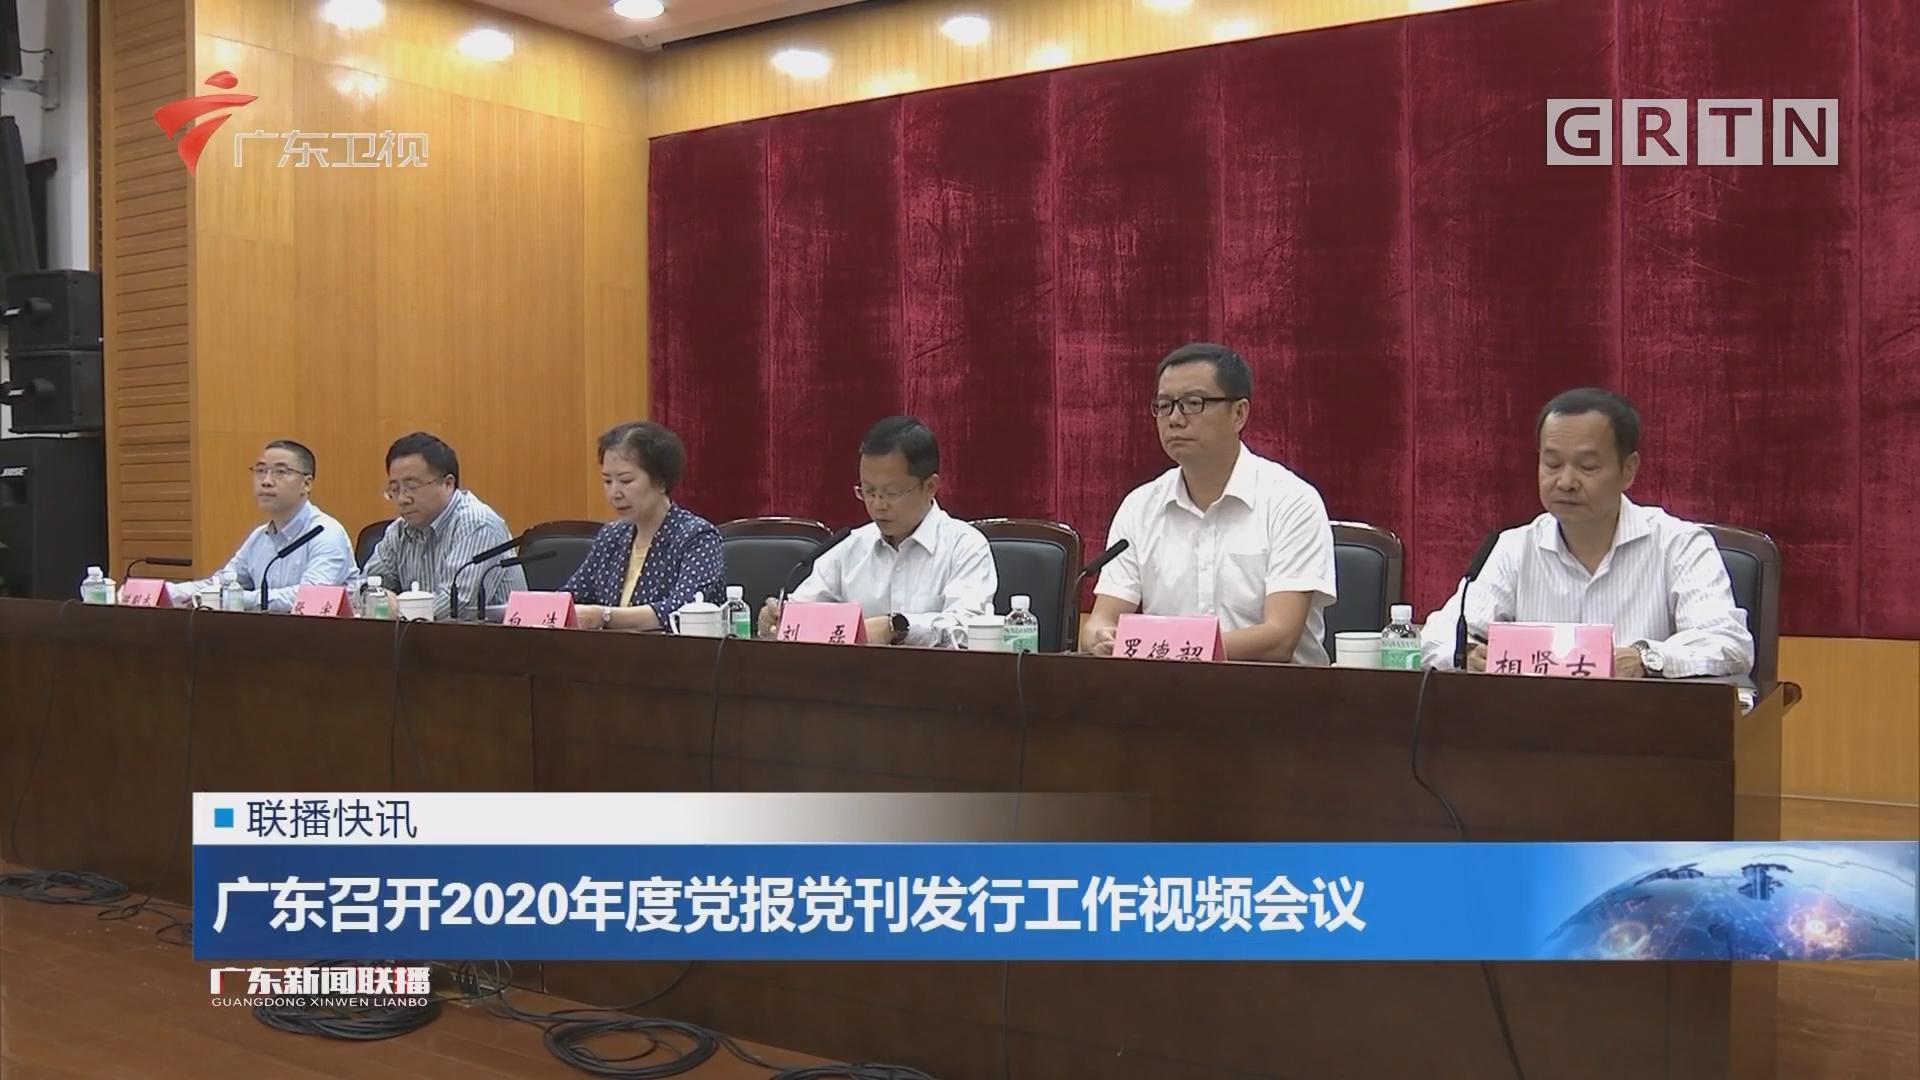 廣東召開2020年度黨報黨刊發行工作視頻會議